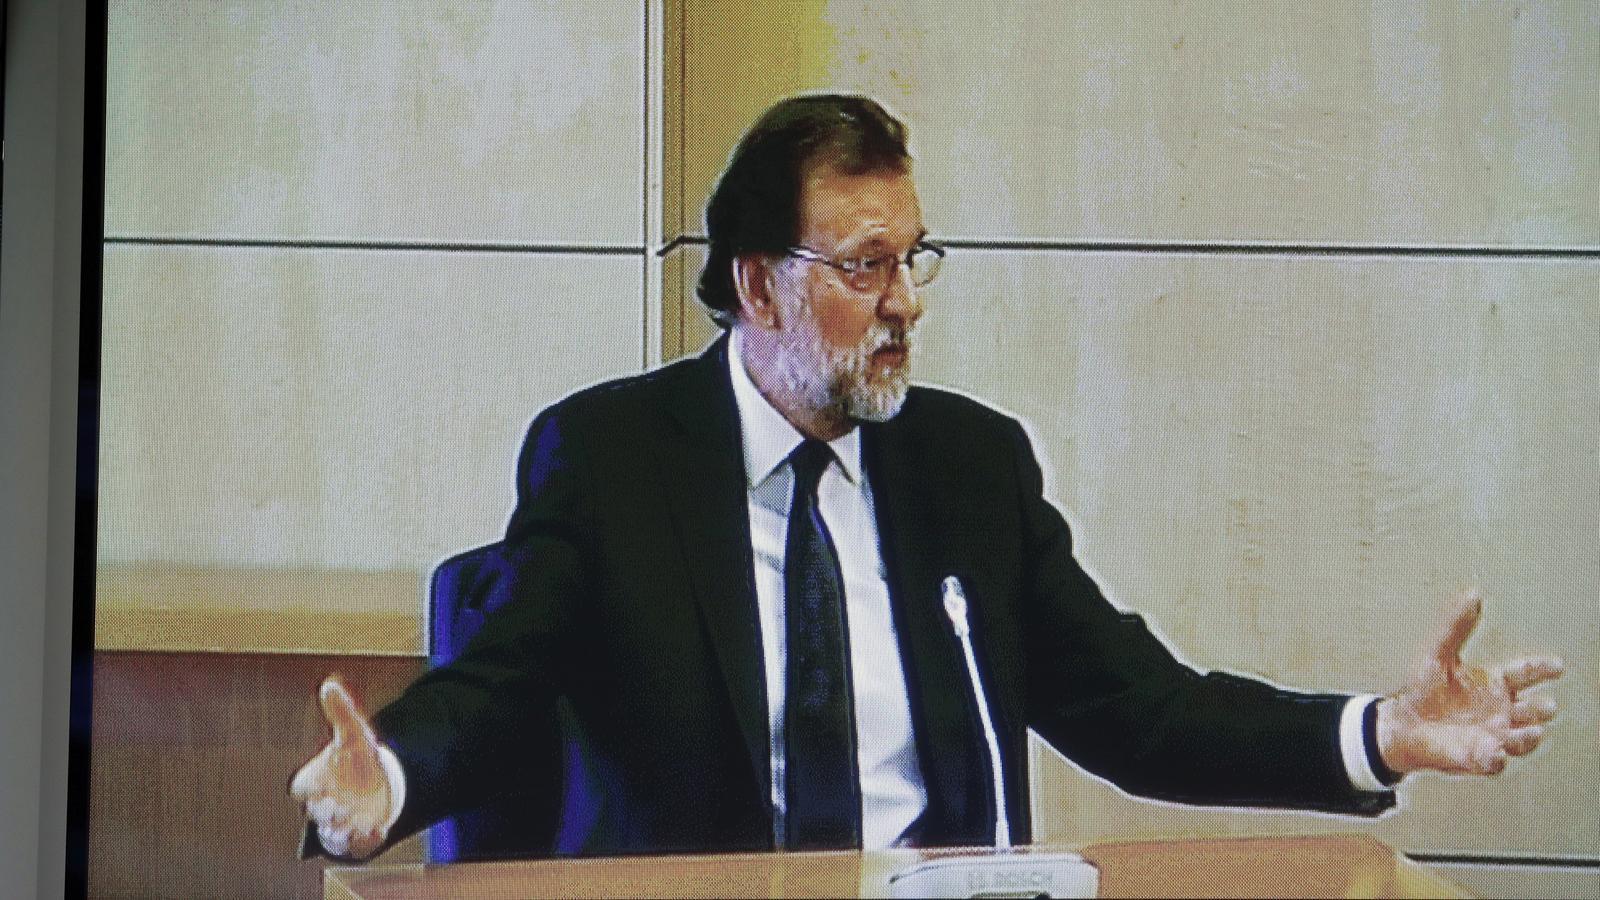 """""""No tenia absolutament cap coneixement de l'existència d'una caixa B al partit"""", Rajoy en 10 frases"""